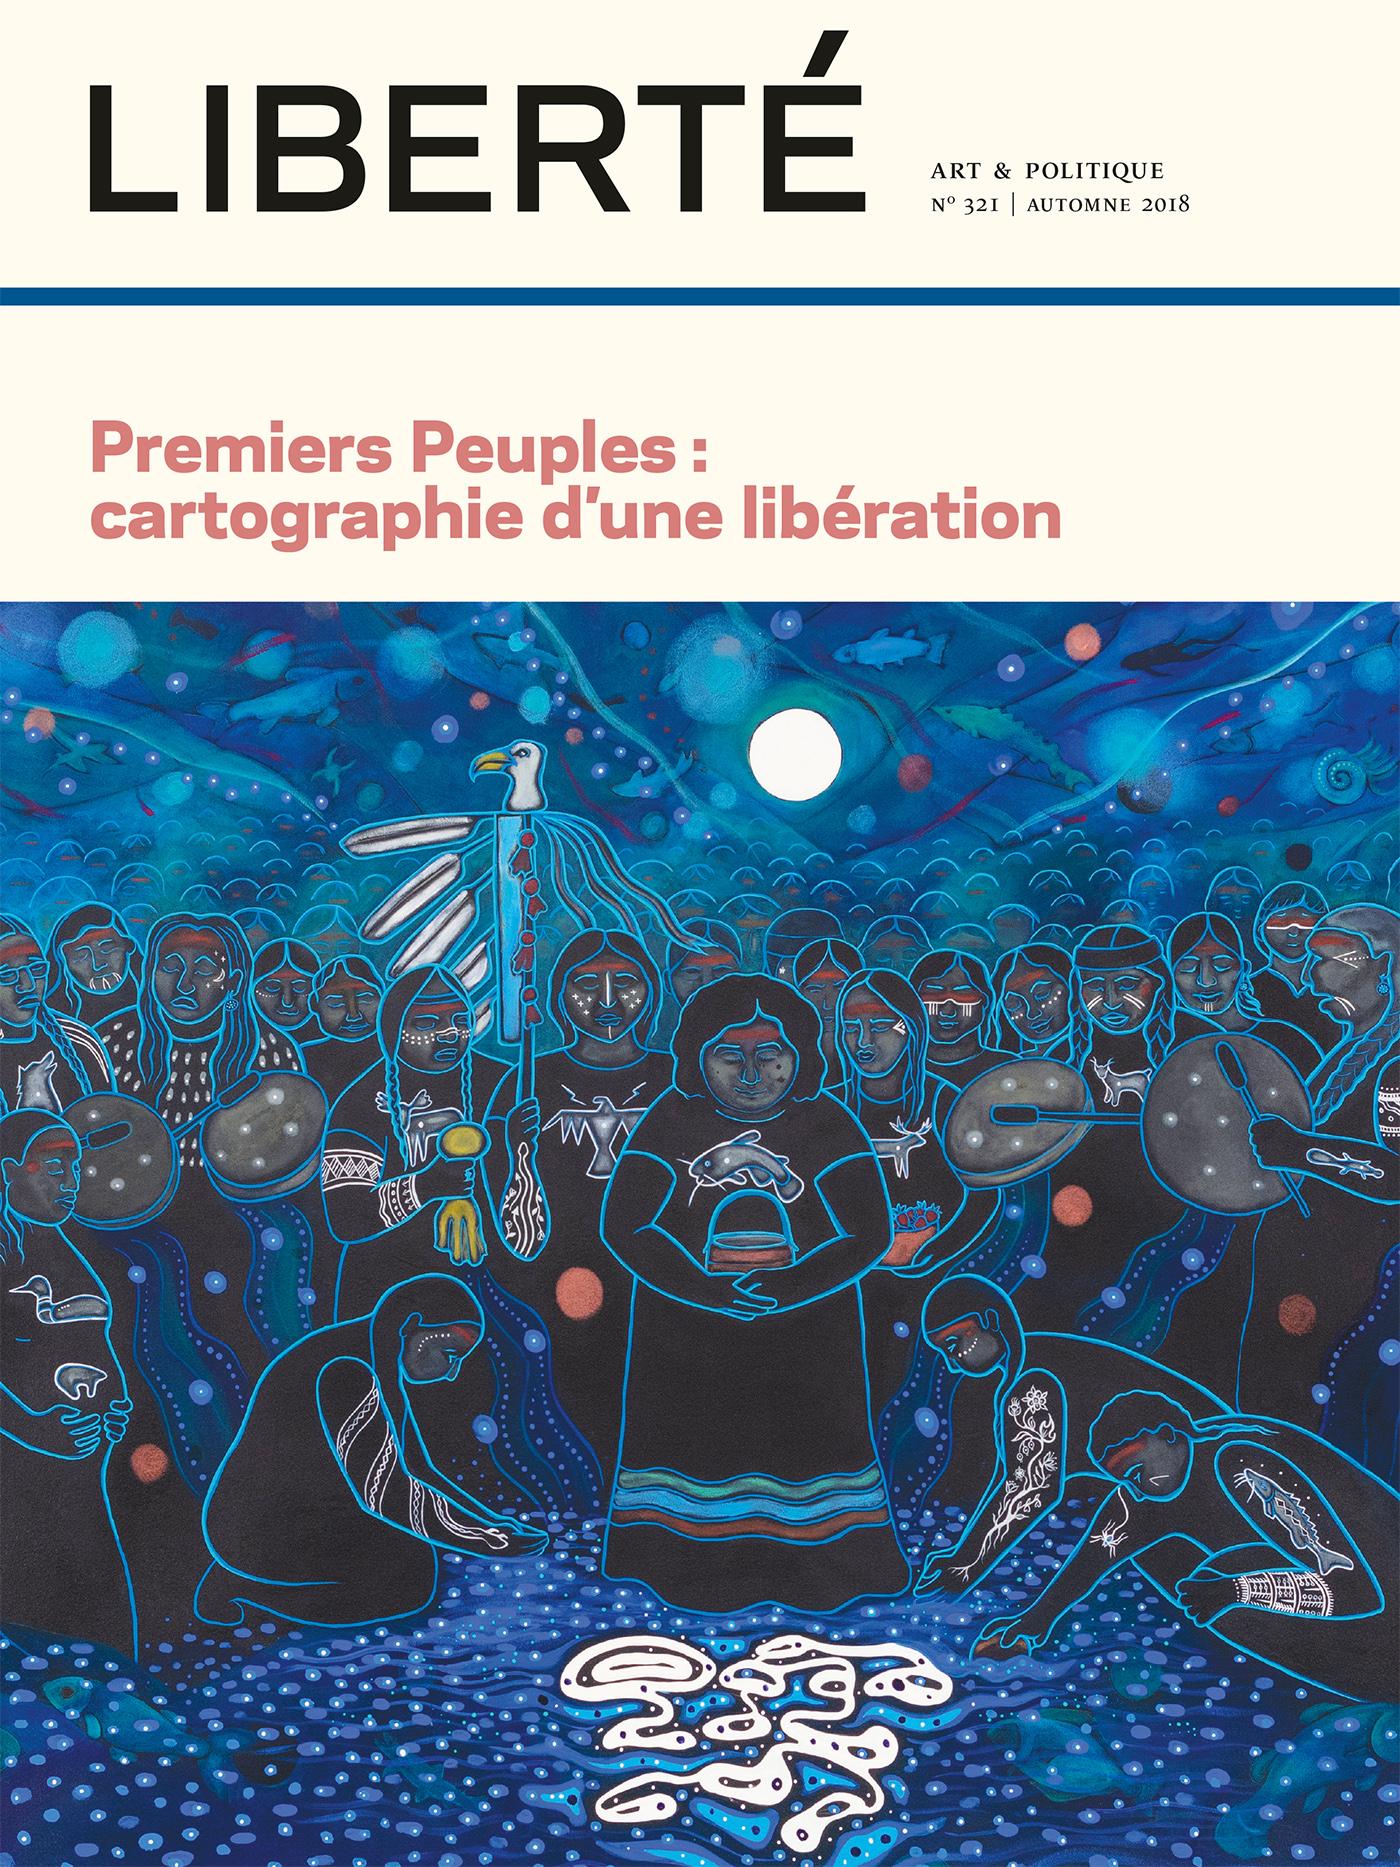 Revue Liberté 321 - Premiers Peuples : cartographie d'une libération